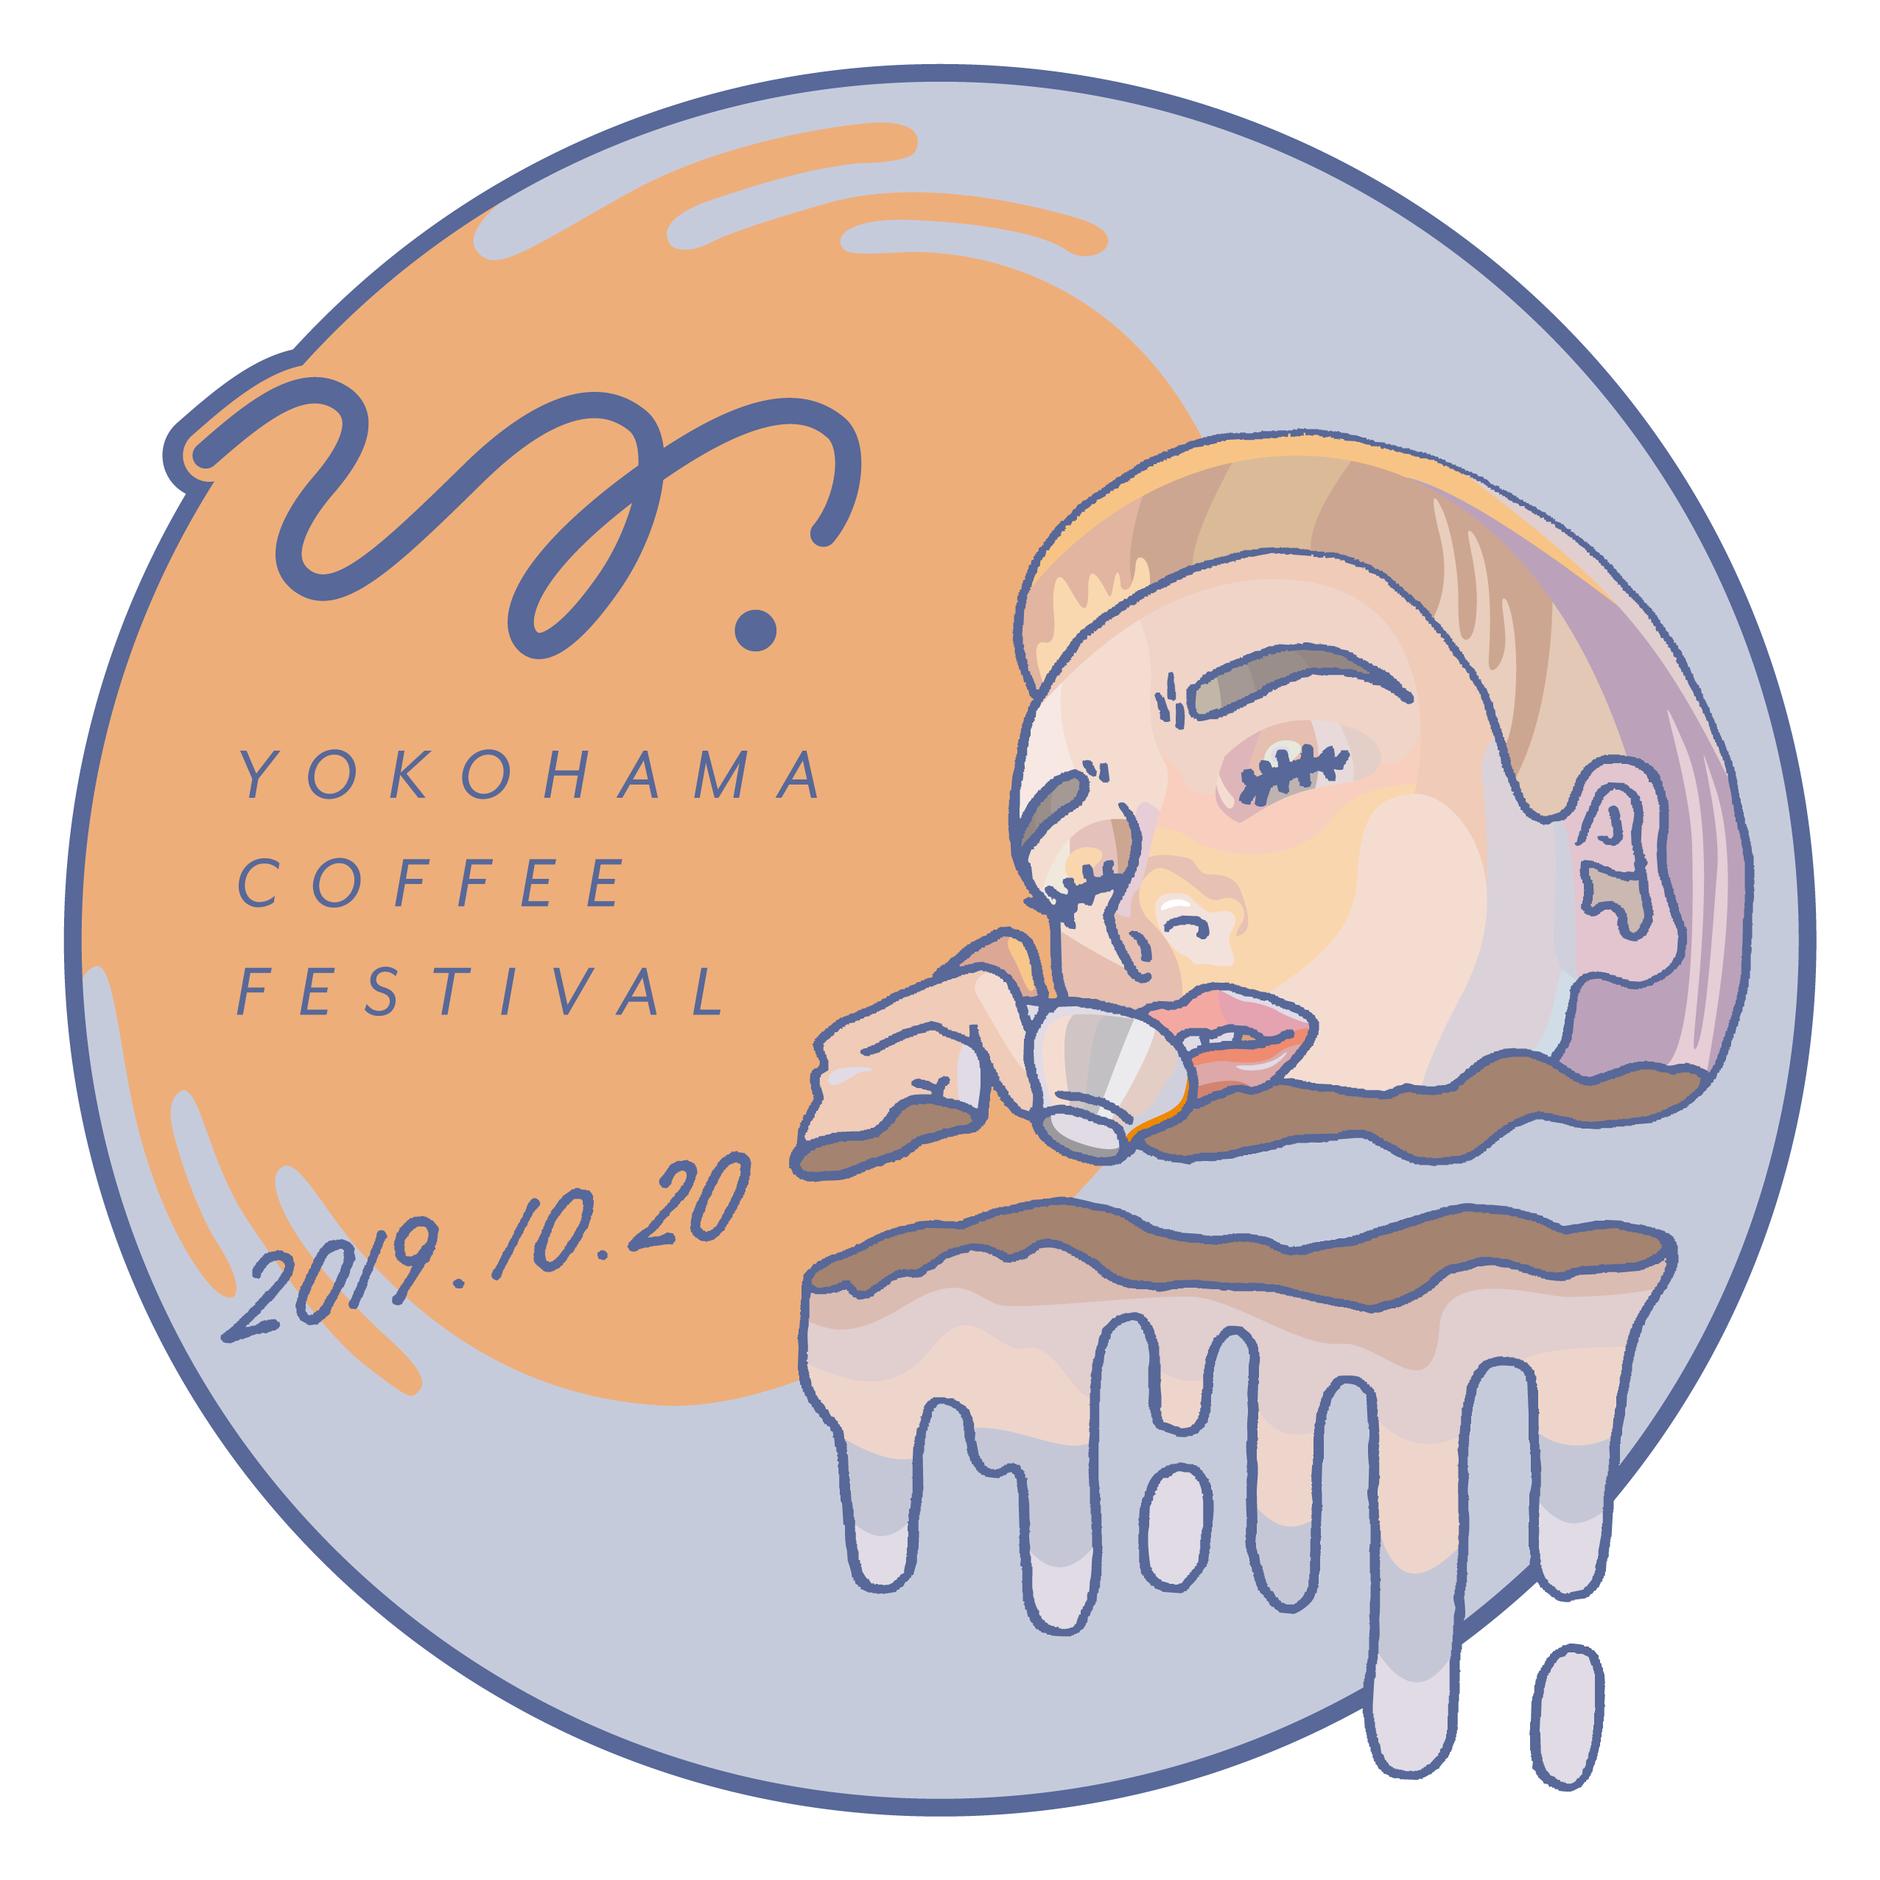 Yokohama Coffee Festival